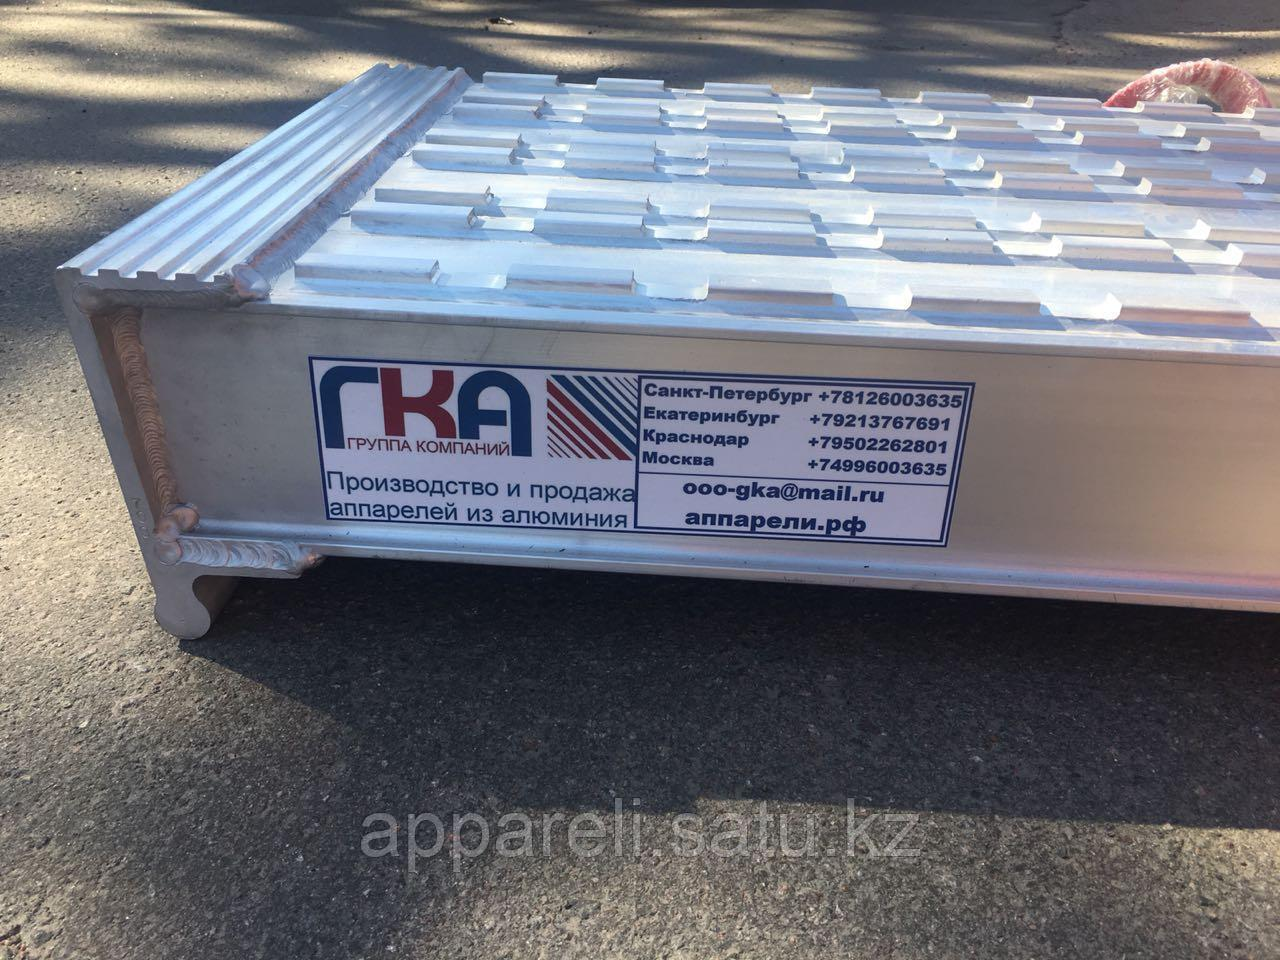 Алюминиевые рампы для спецтехники 2,4 метра